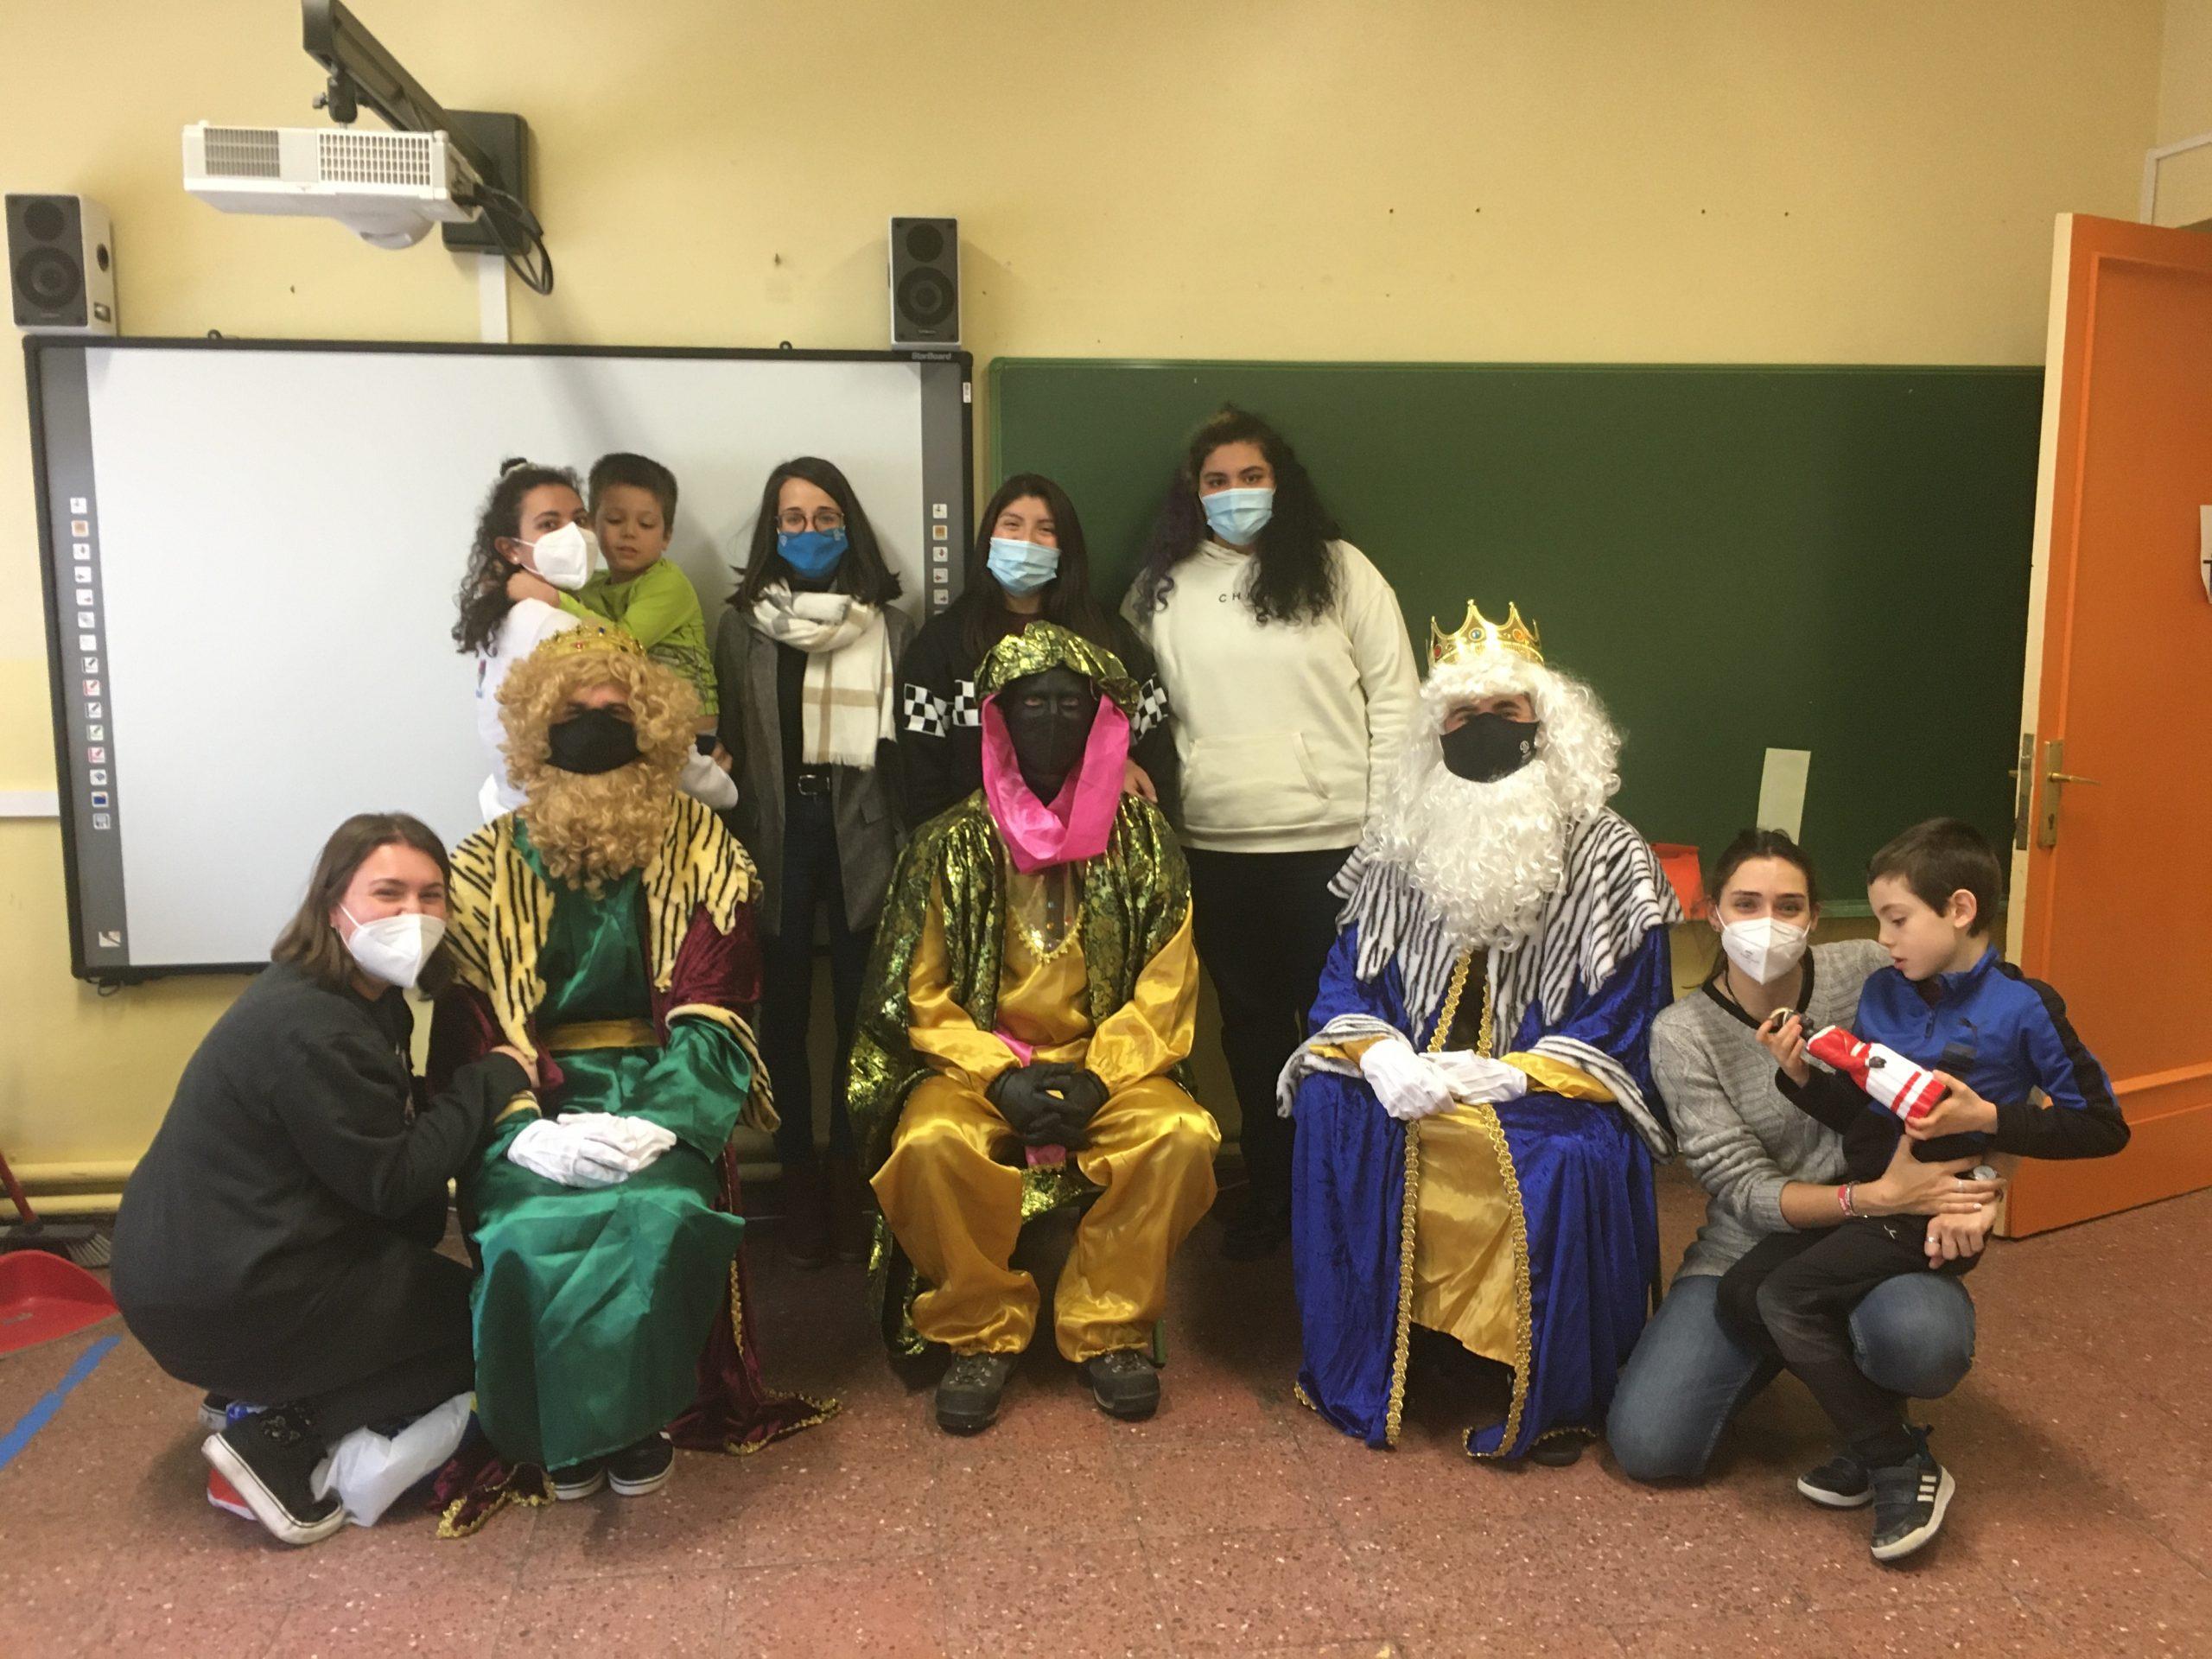 Fotografía de la visita Reyes Magos a la Escuela de Navidad de Pamplona de ANA